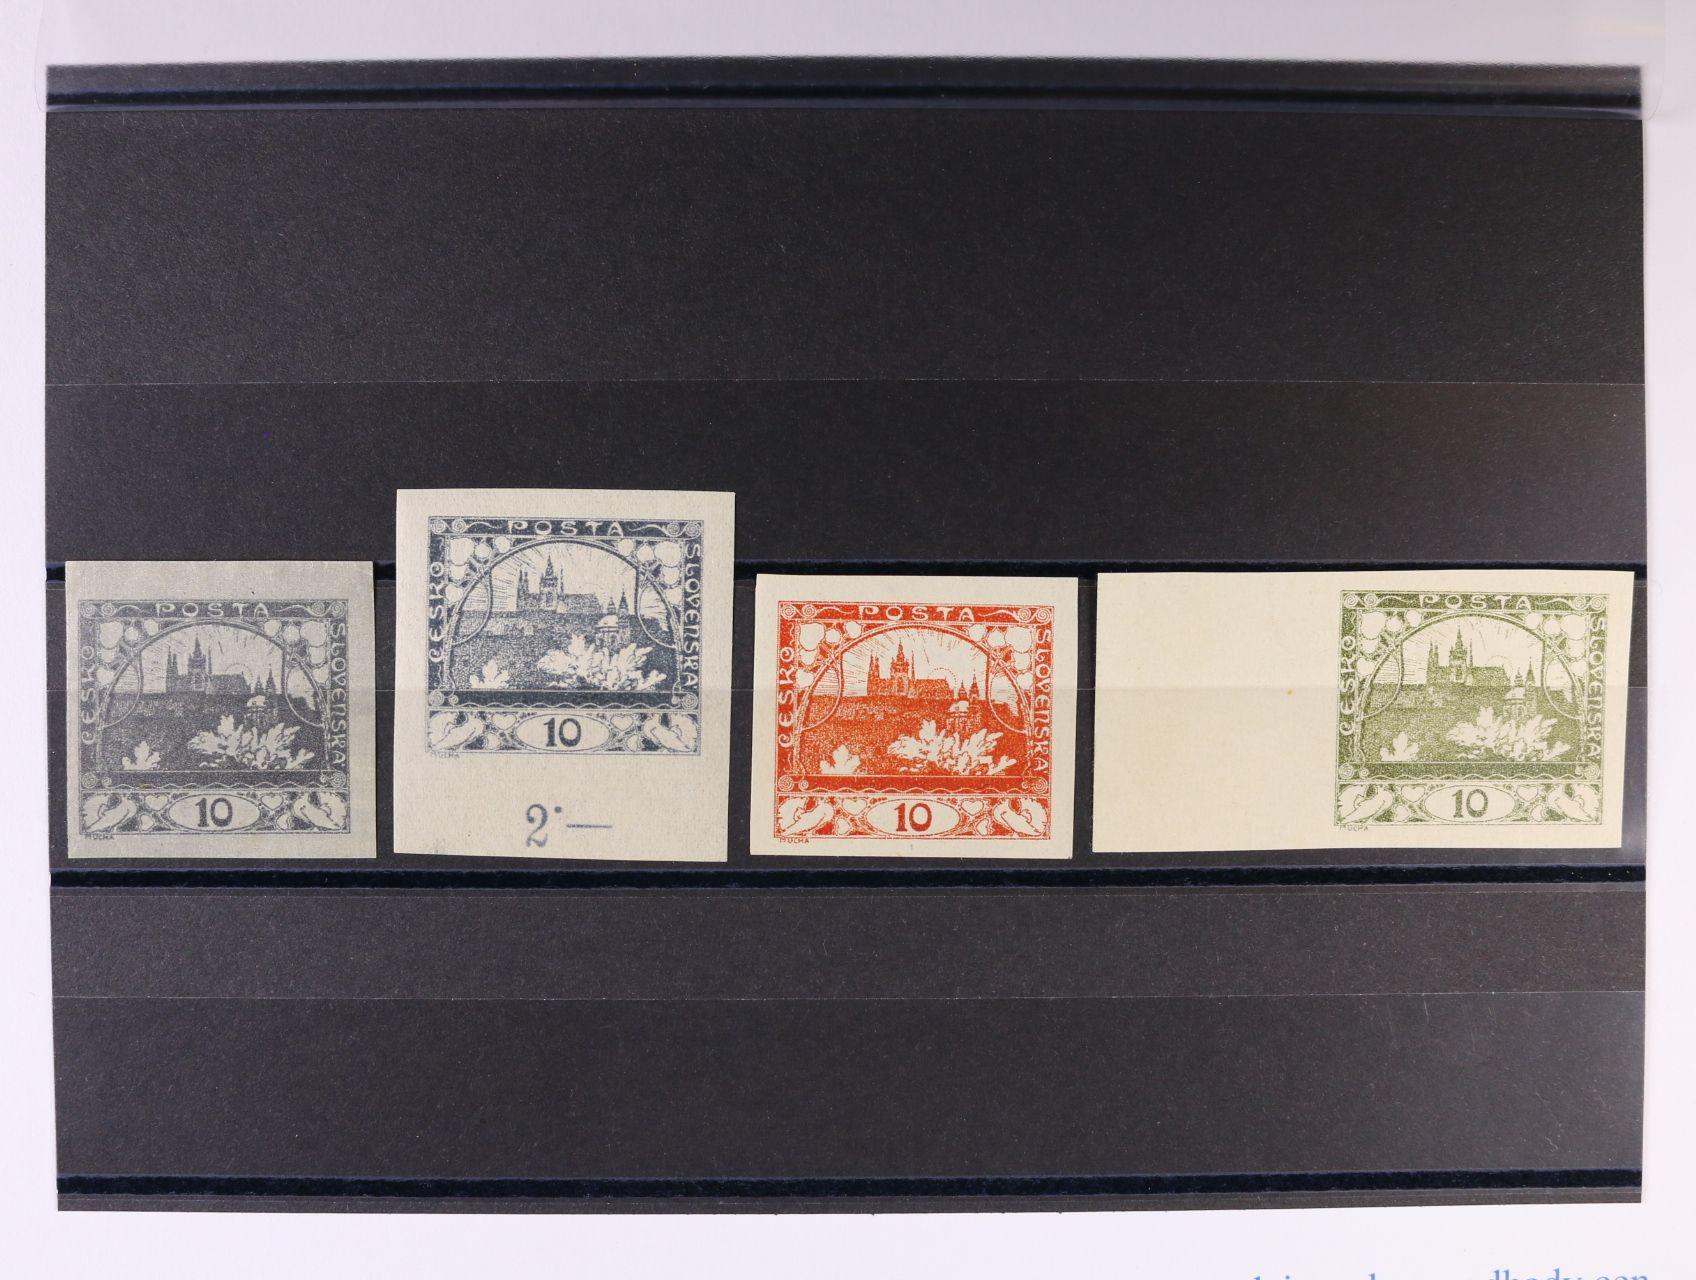 ZT zn. 10h hlubotisk v barvě šedé, modrošedé a červené s lepem a 10h olivová s levým okrajem na papíře bez lepu, zk. Karásek, Gilbert